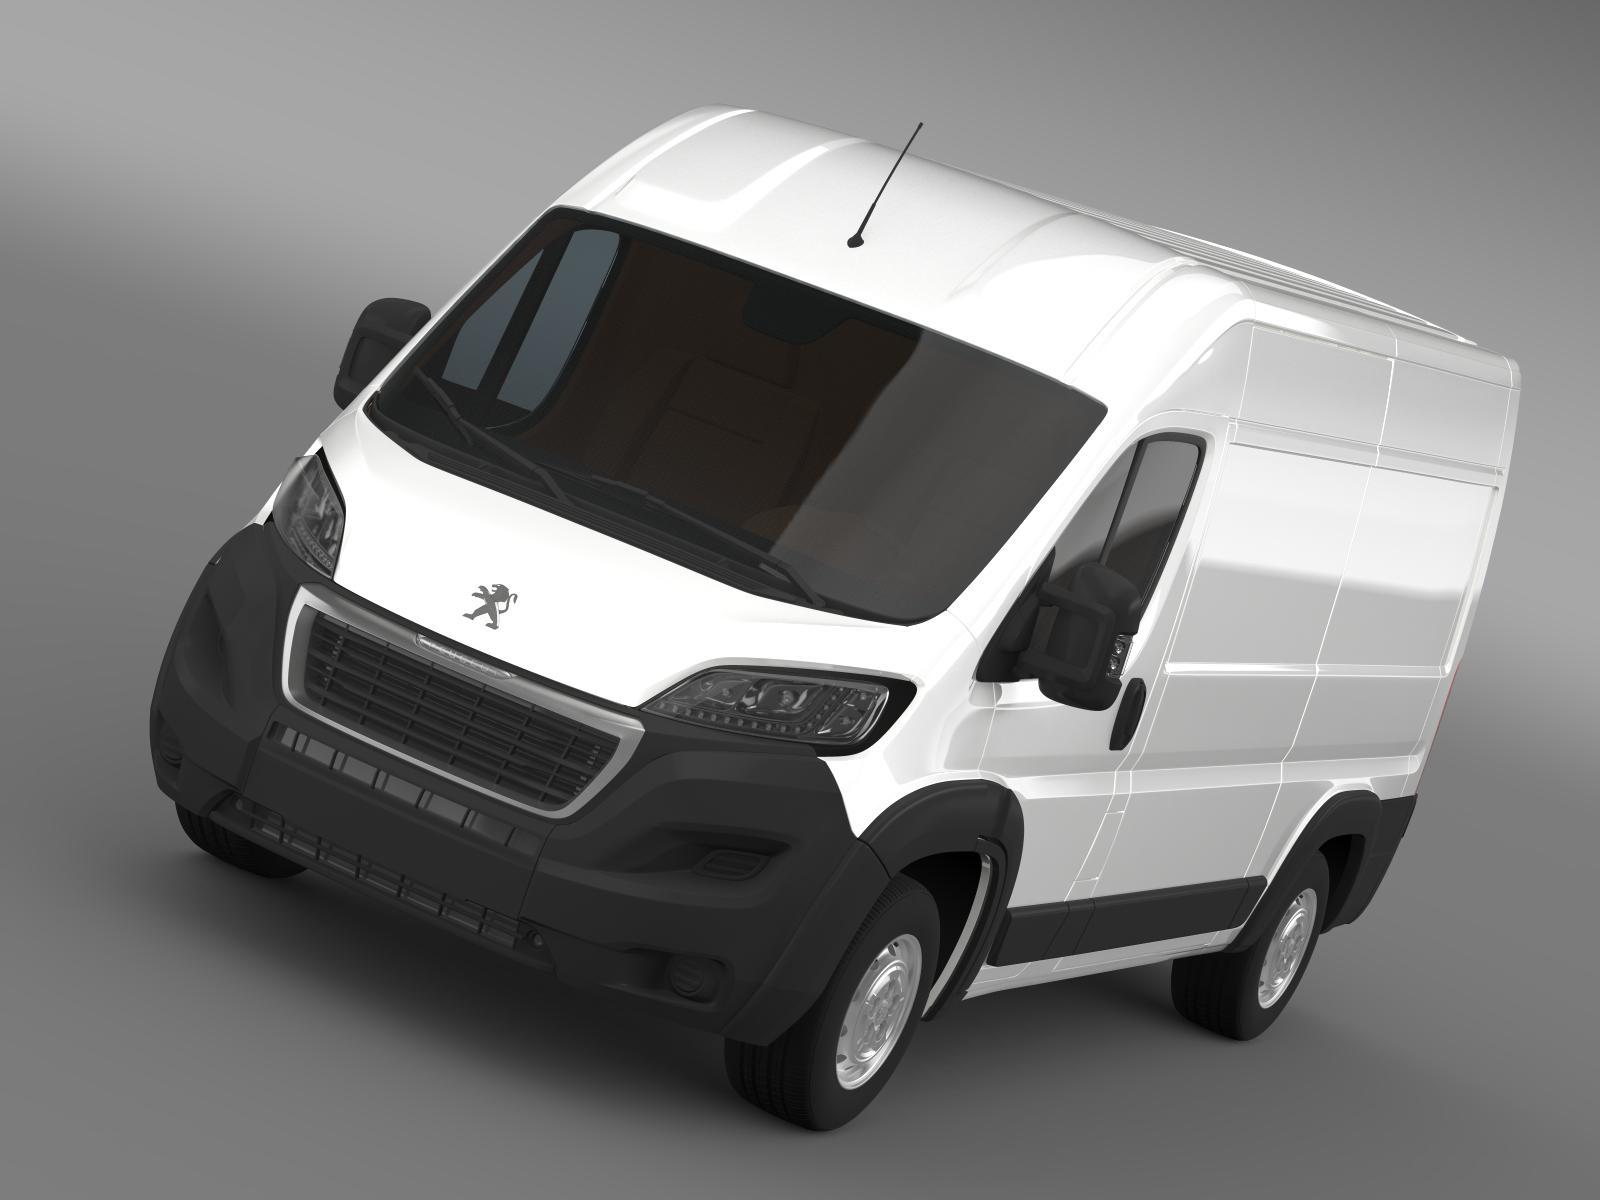 peugeot vadītājs furgon l2h2 2014 3d modelis 3ds max fbx c4d lwo ma mb hrc xsi obj 203137